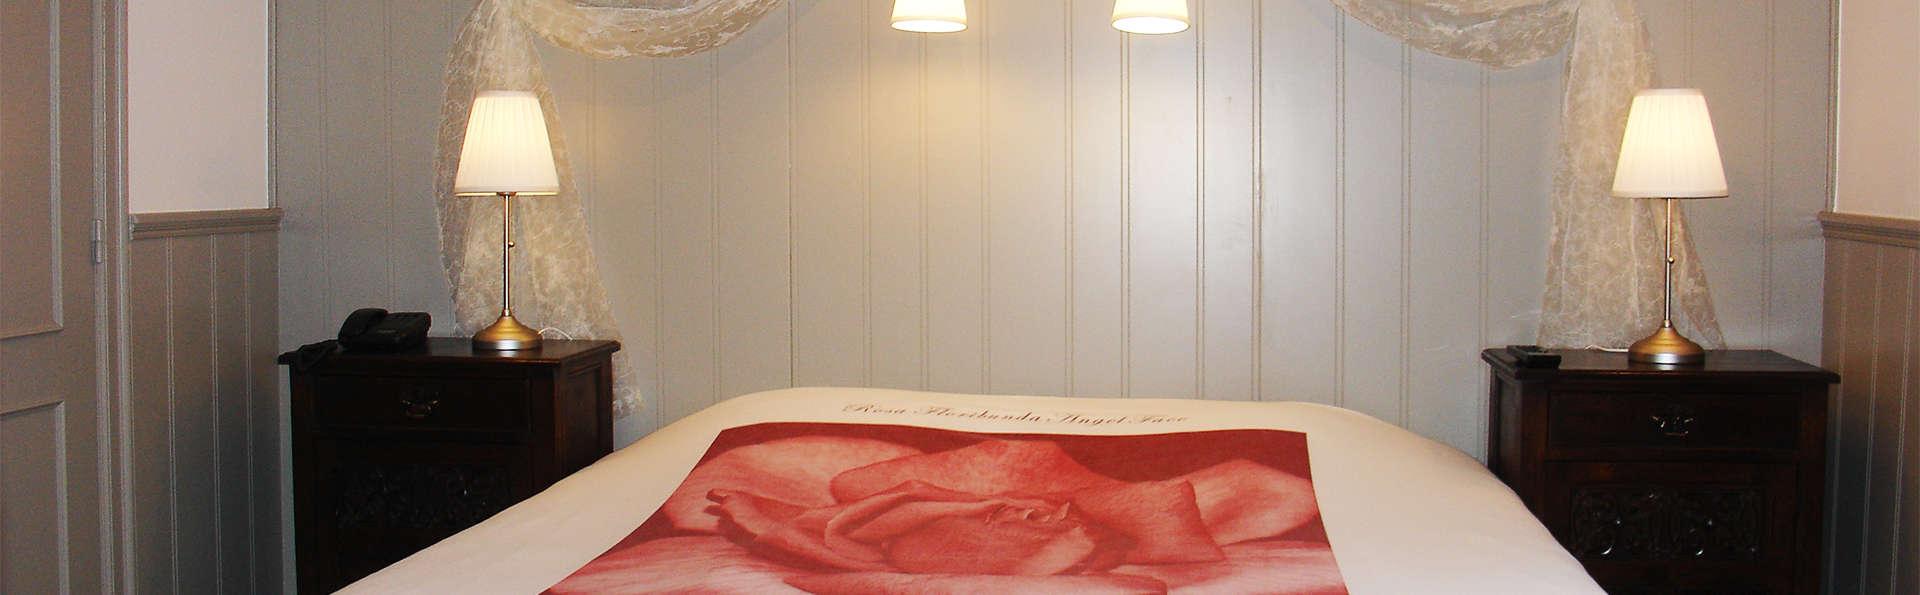 Gasthof Groenhove - EDIT_room5.jpg